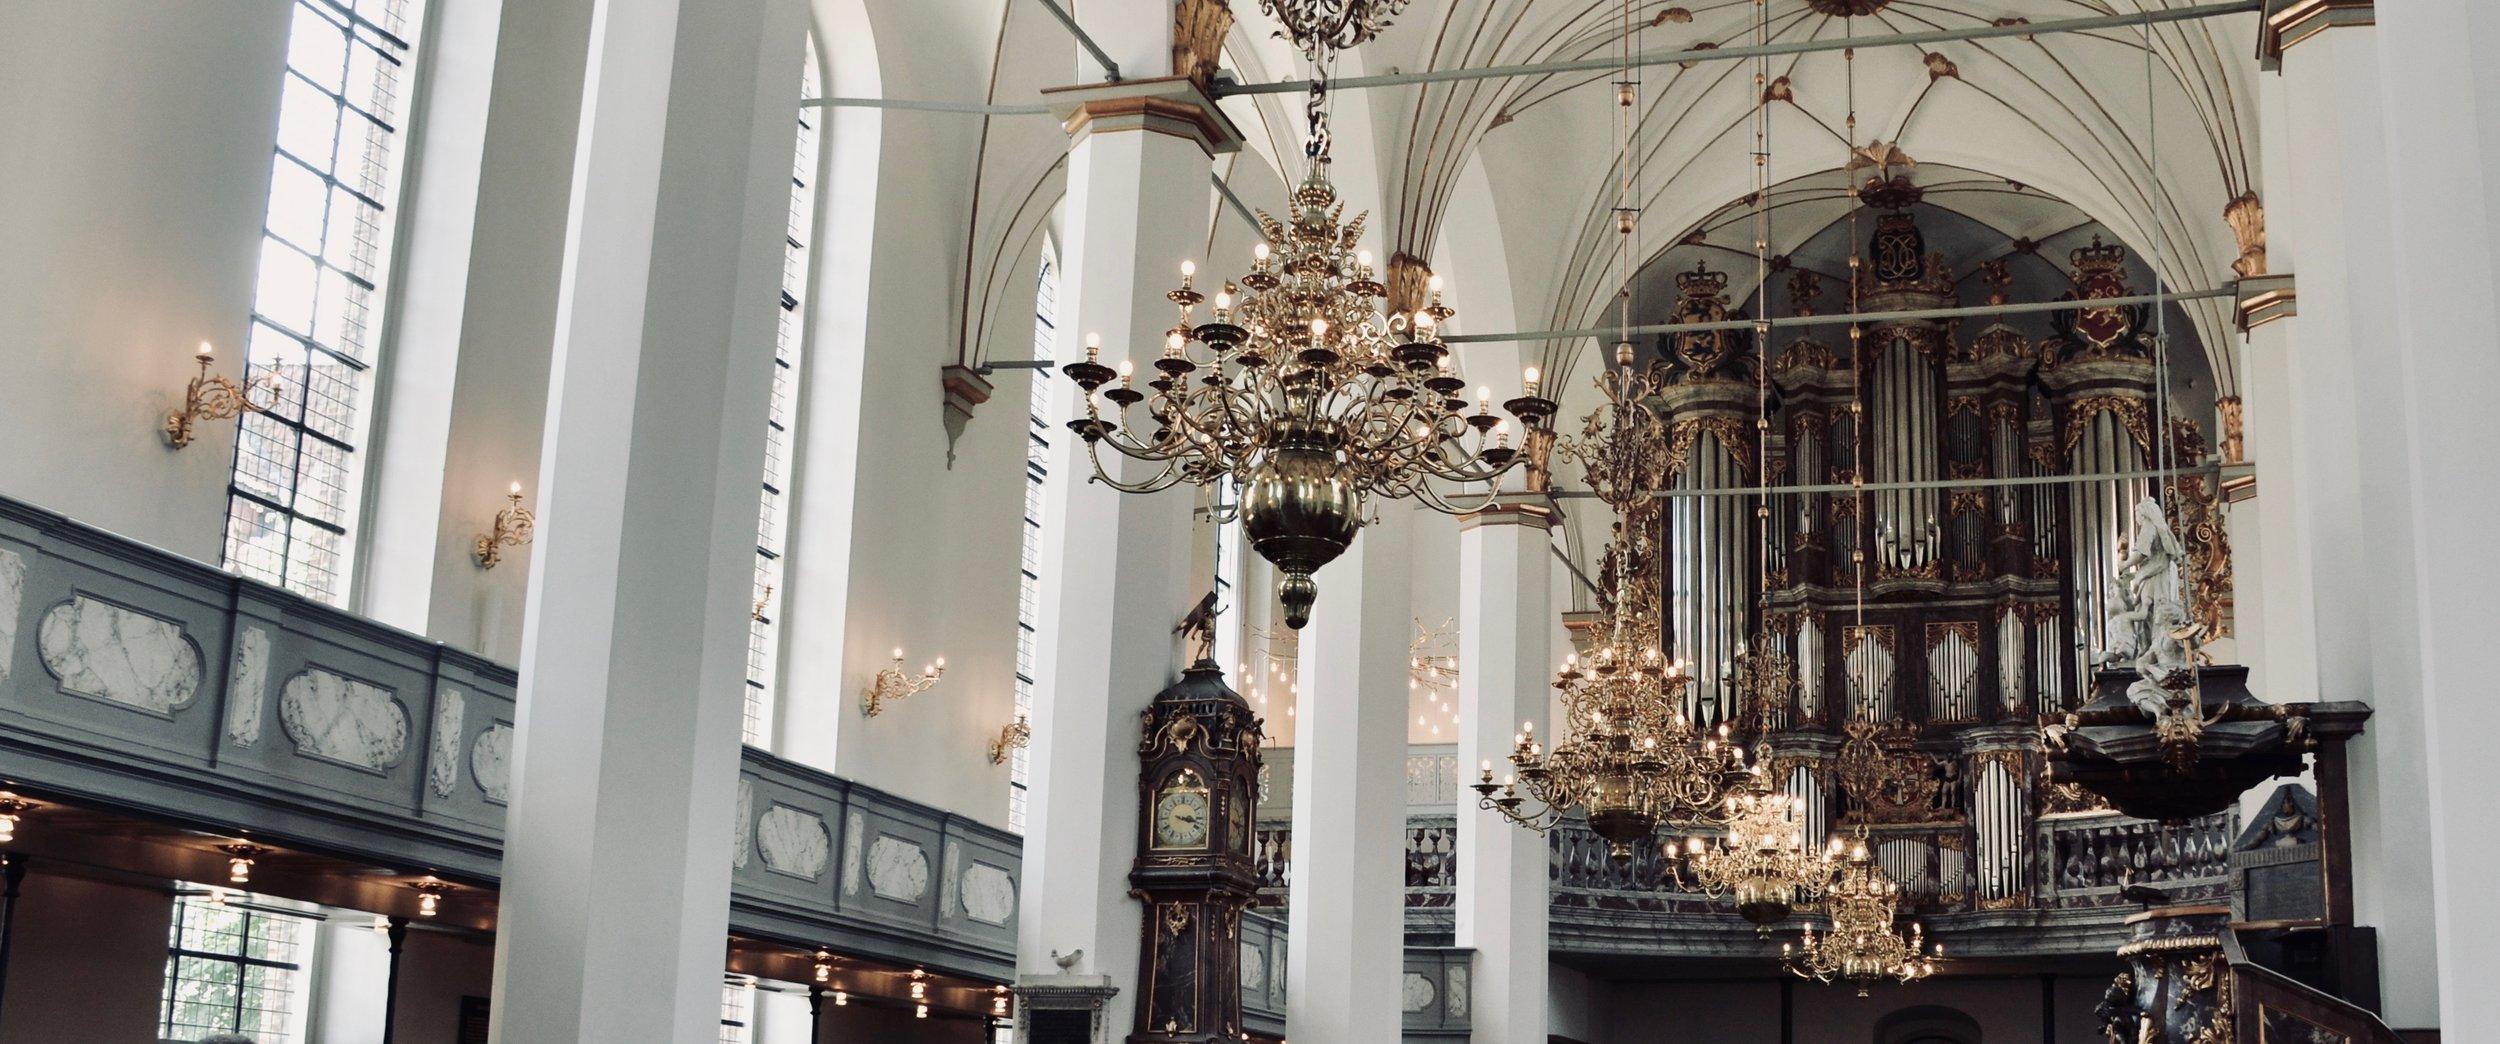 The gallery organ, Trinitatis Kirke, Copenhagen.